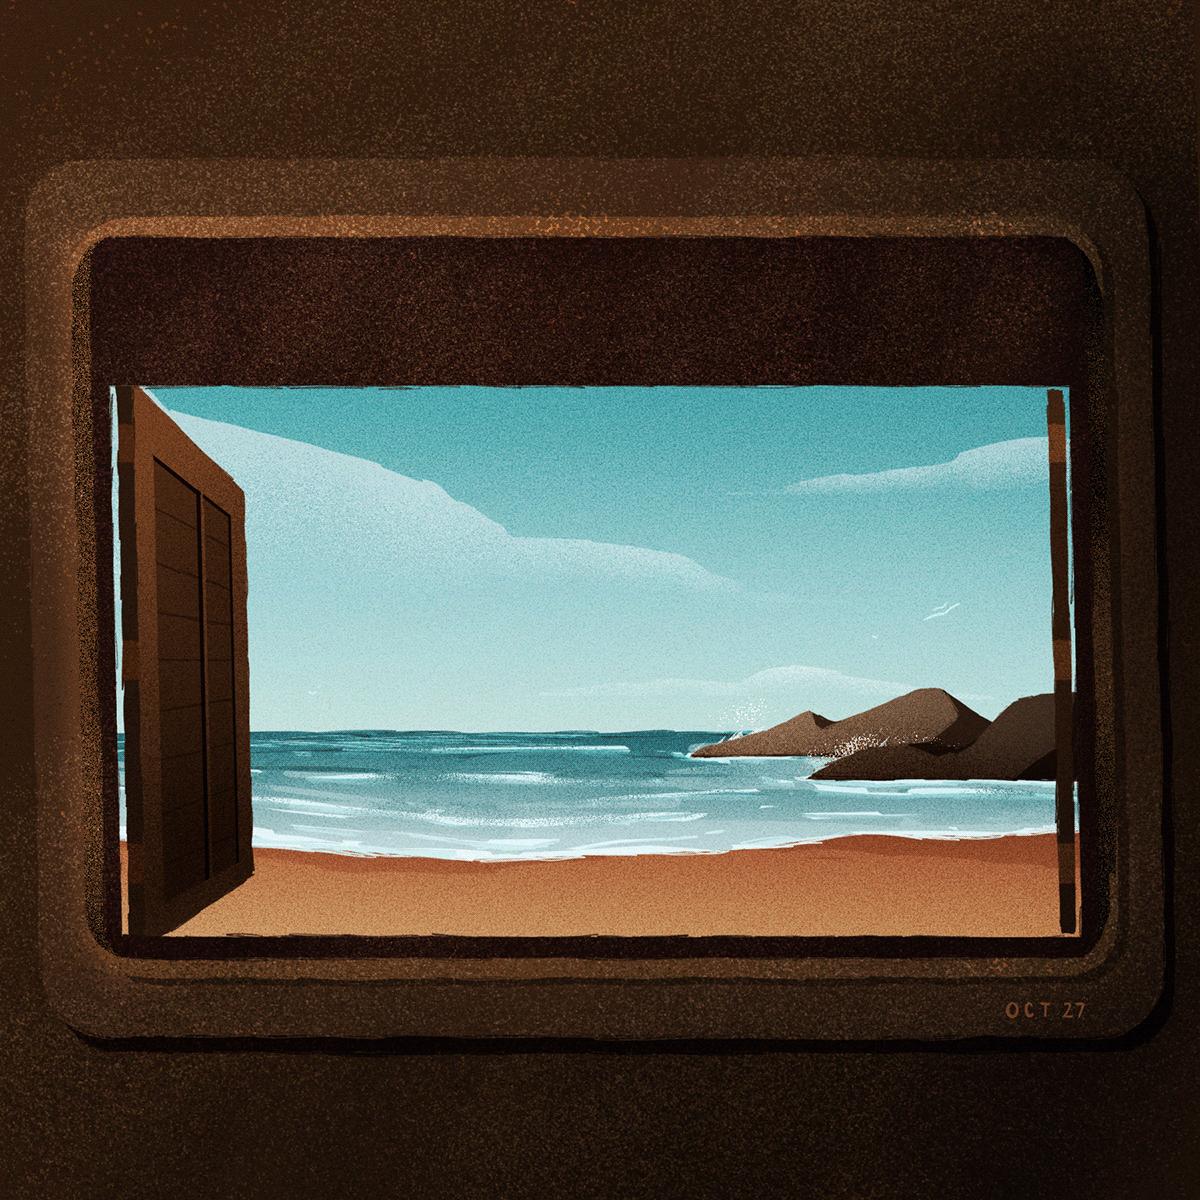 Image may contain: monitor, television and screenshot